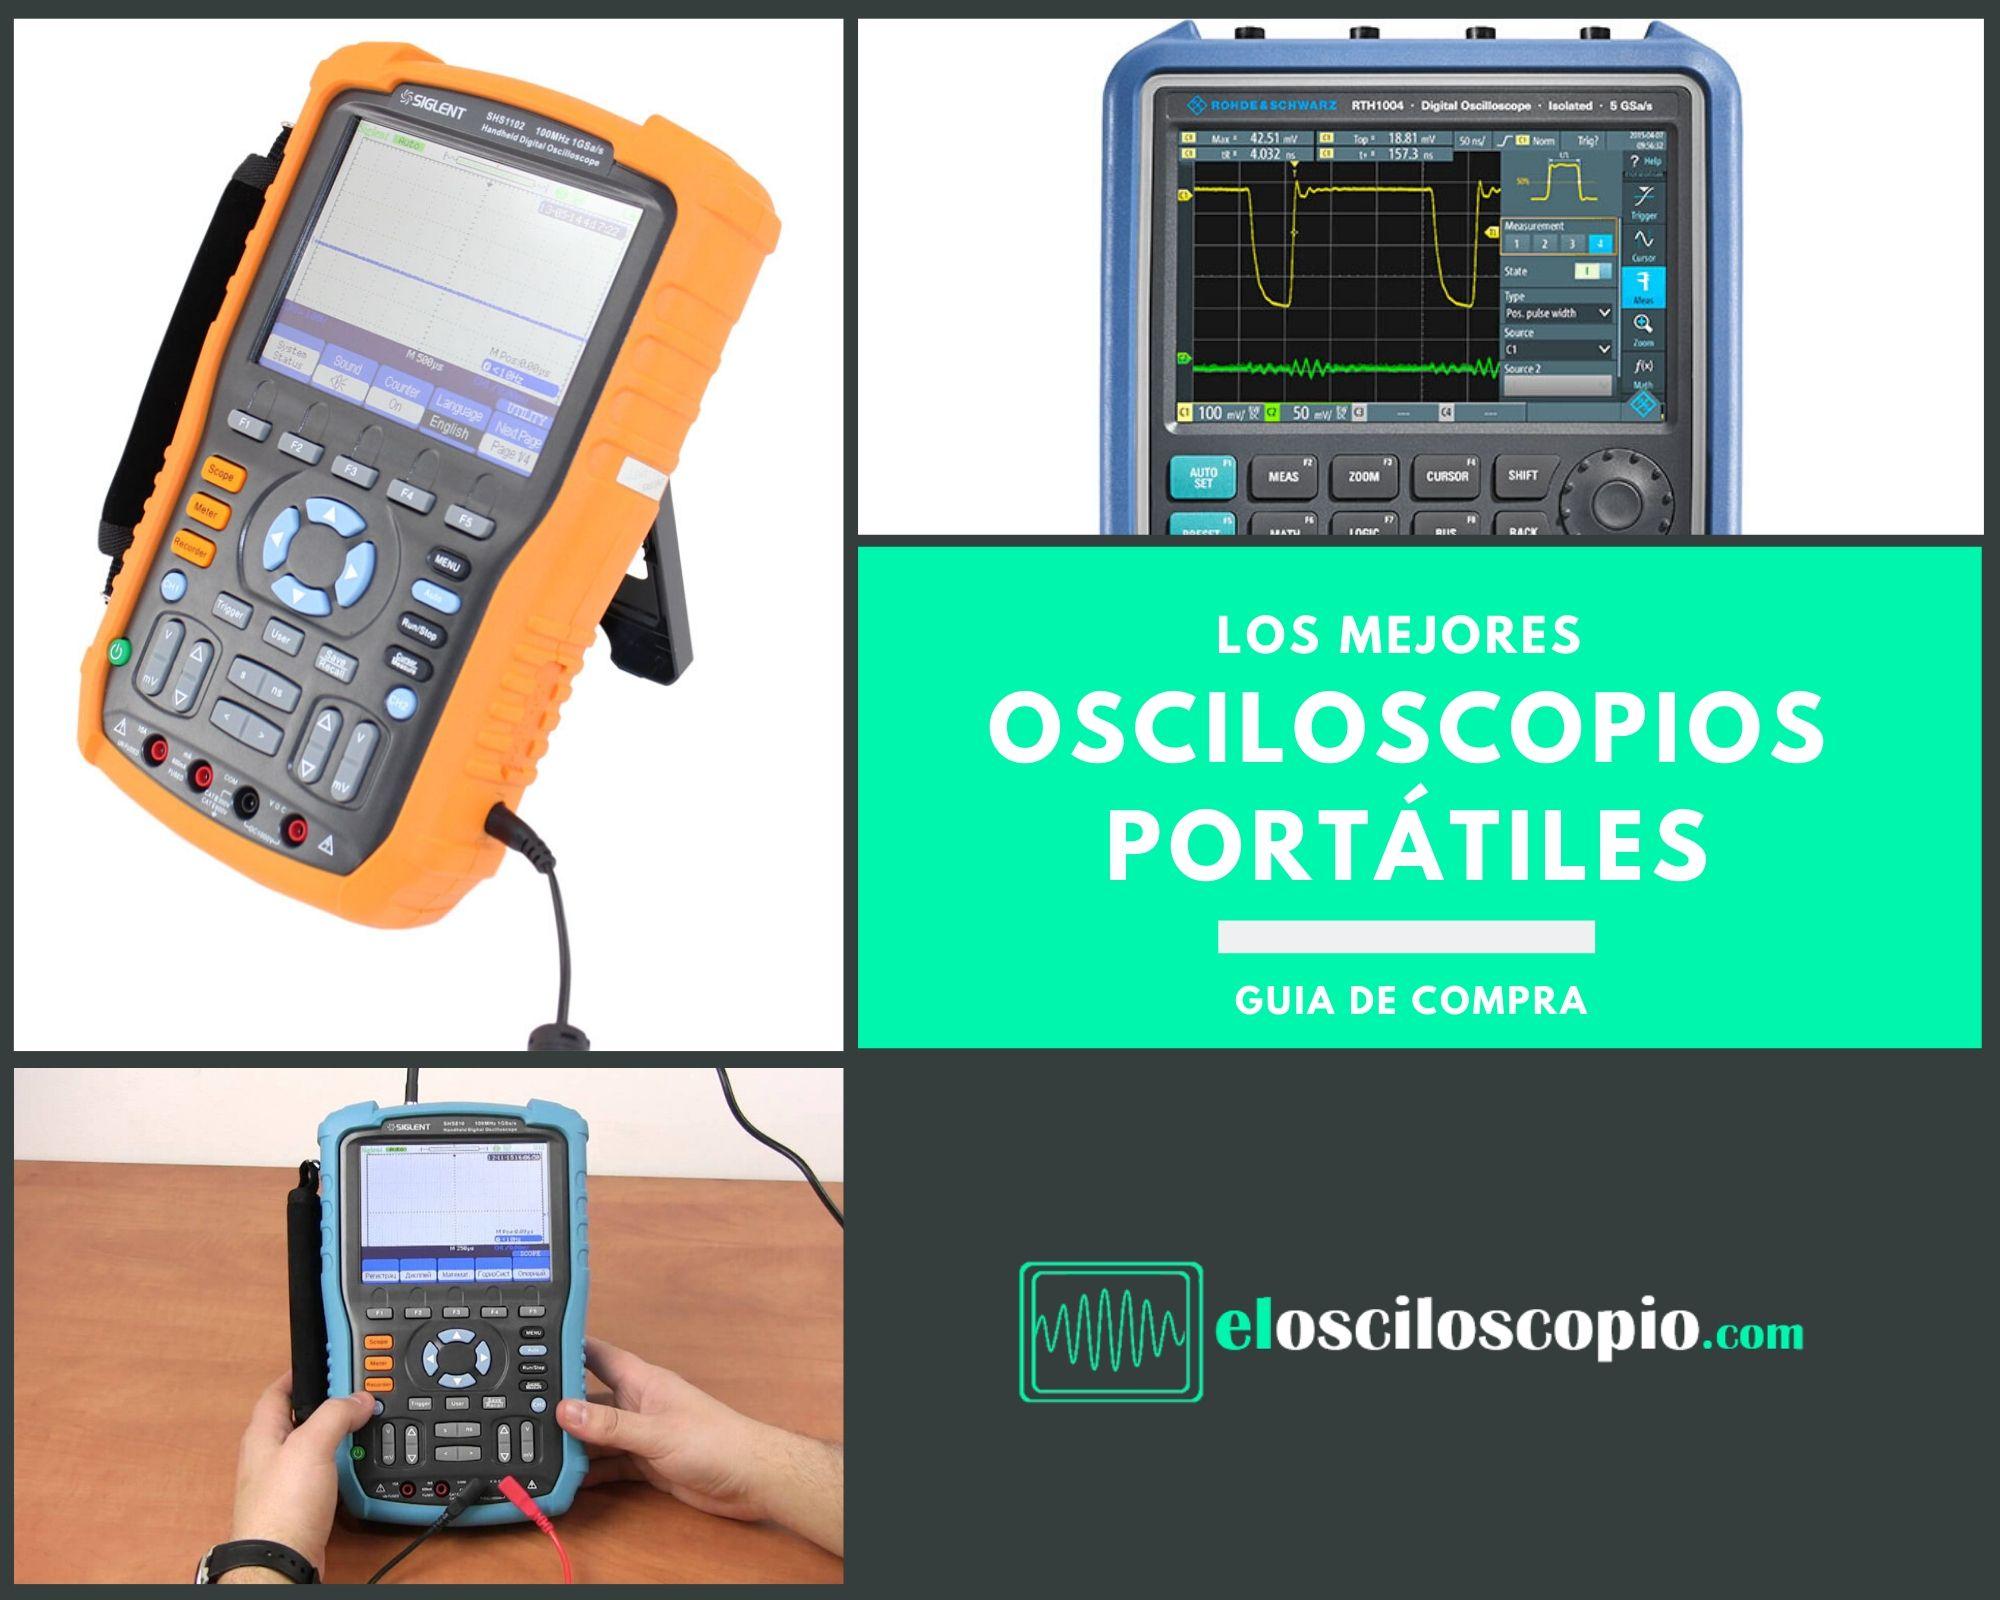 Los Mejores Osciloscopios Portatiles